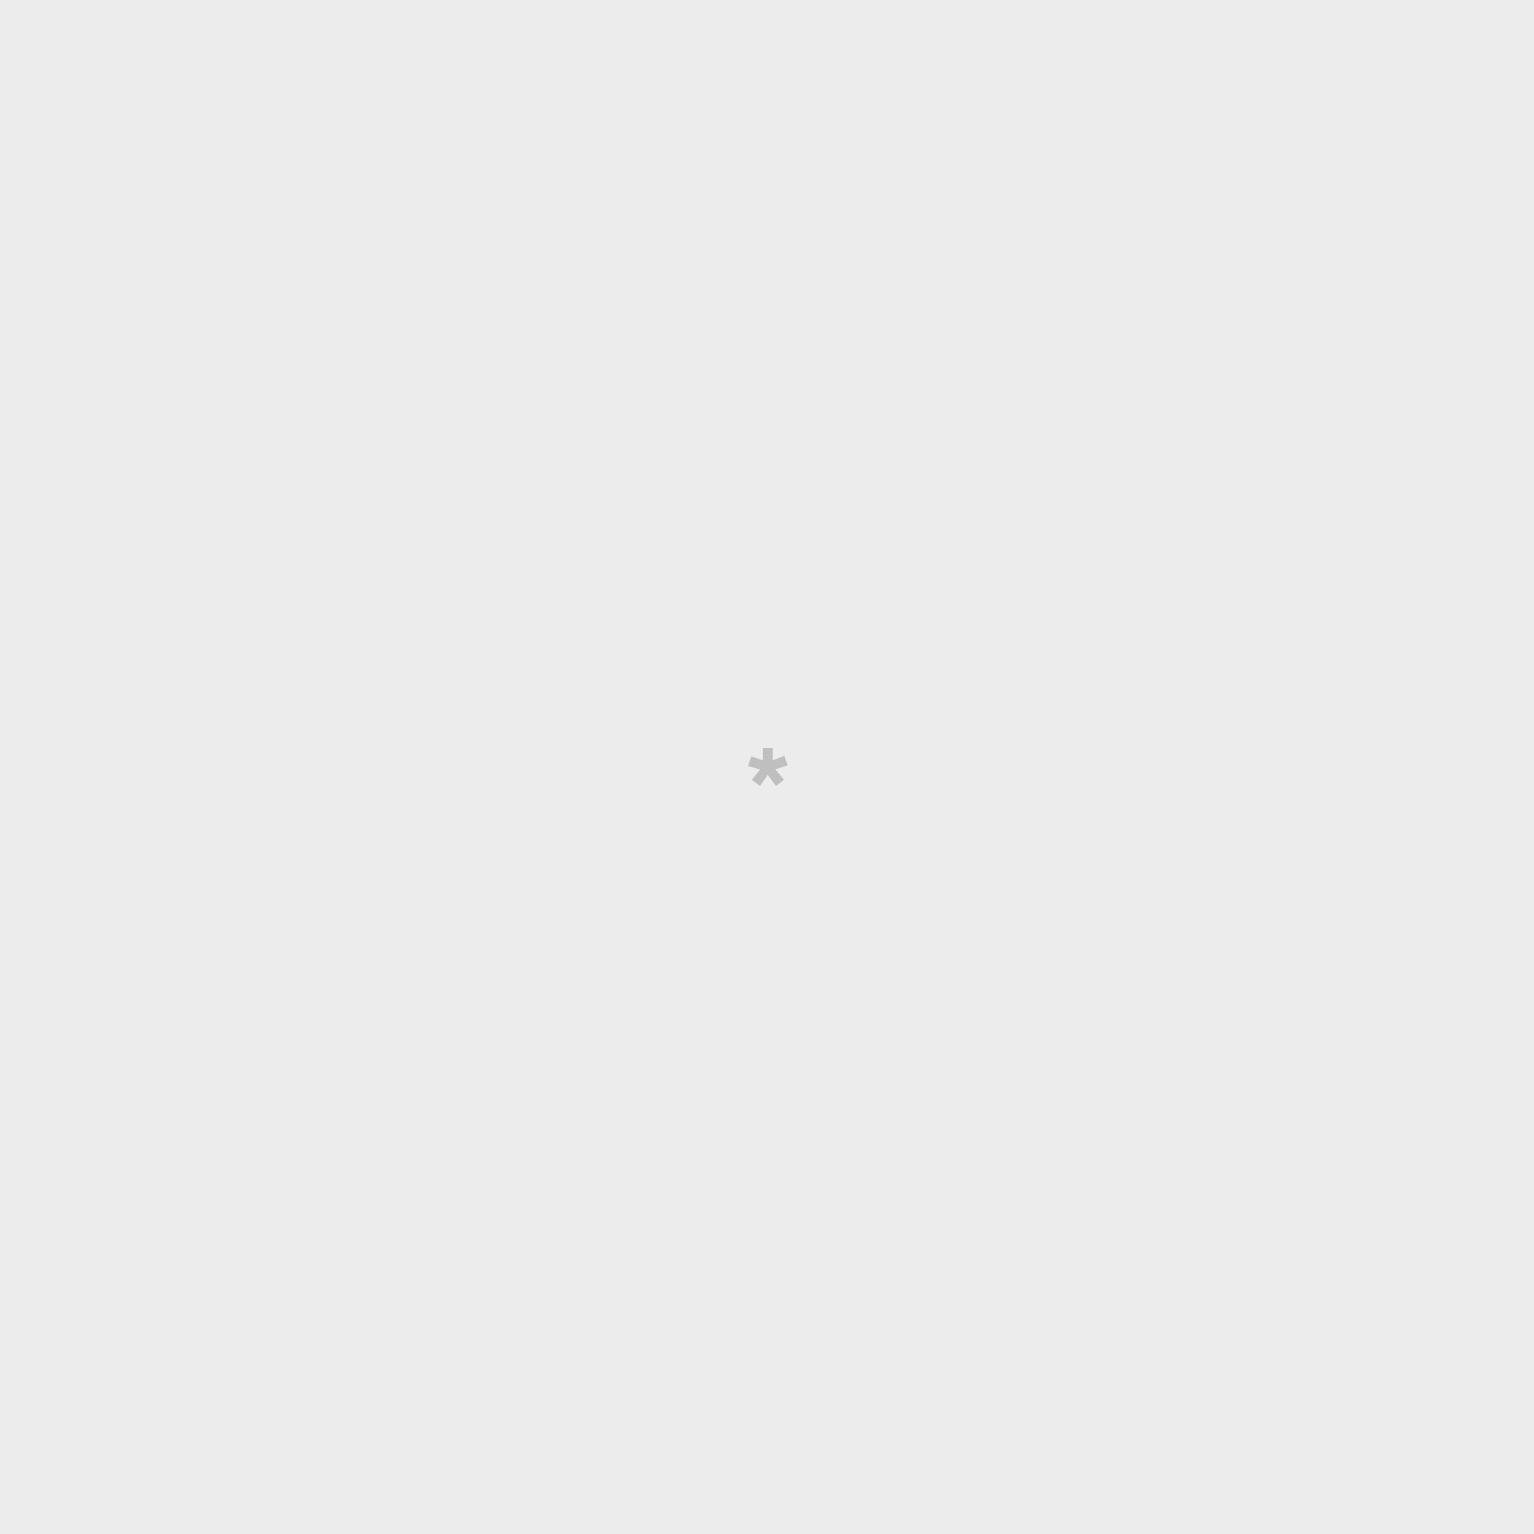 Quaderno - Le migliori avventure iniziano con un quaderno